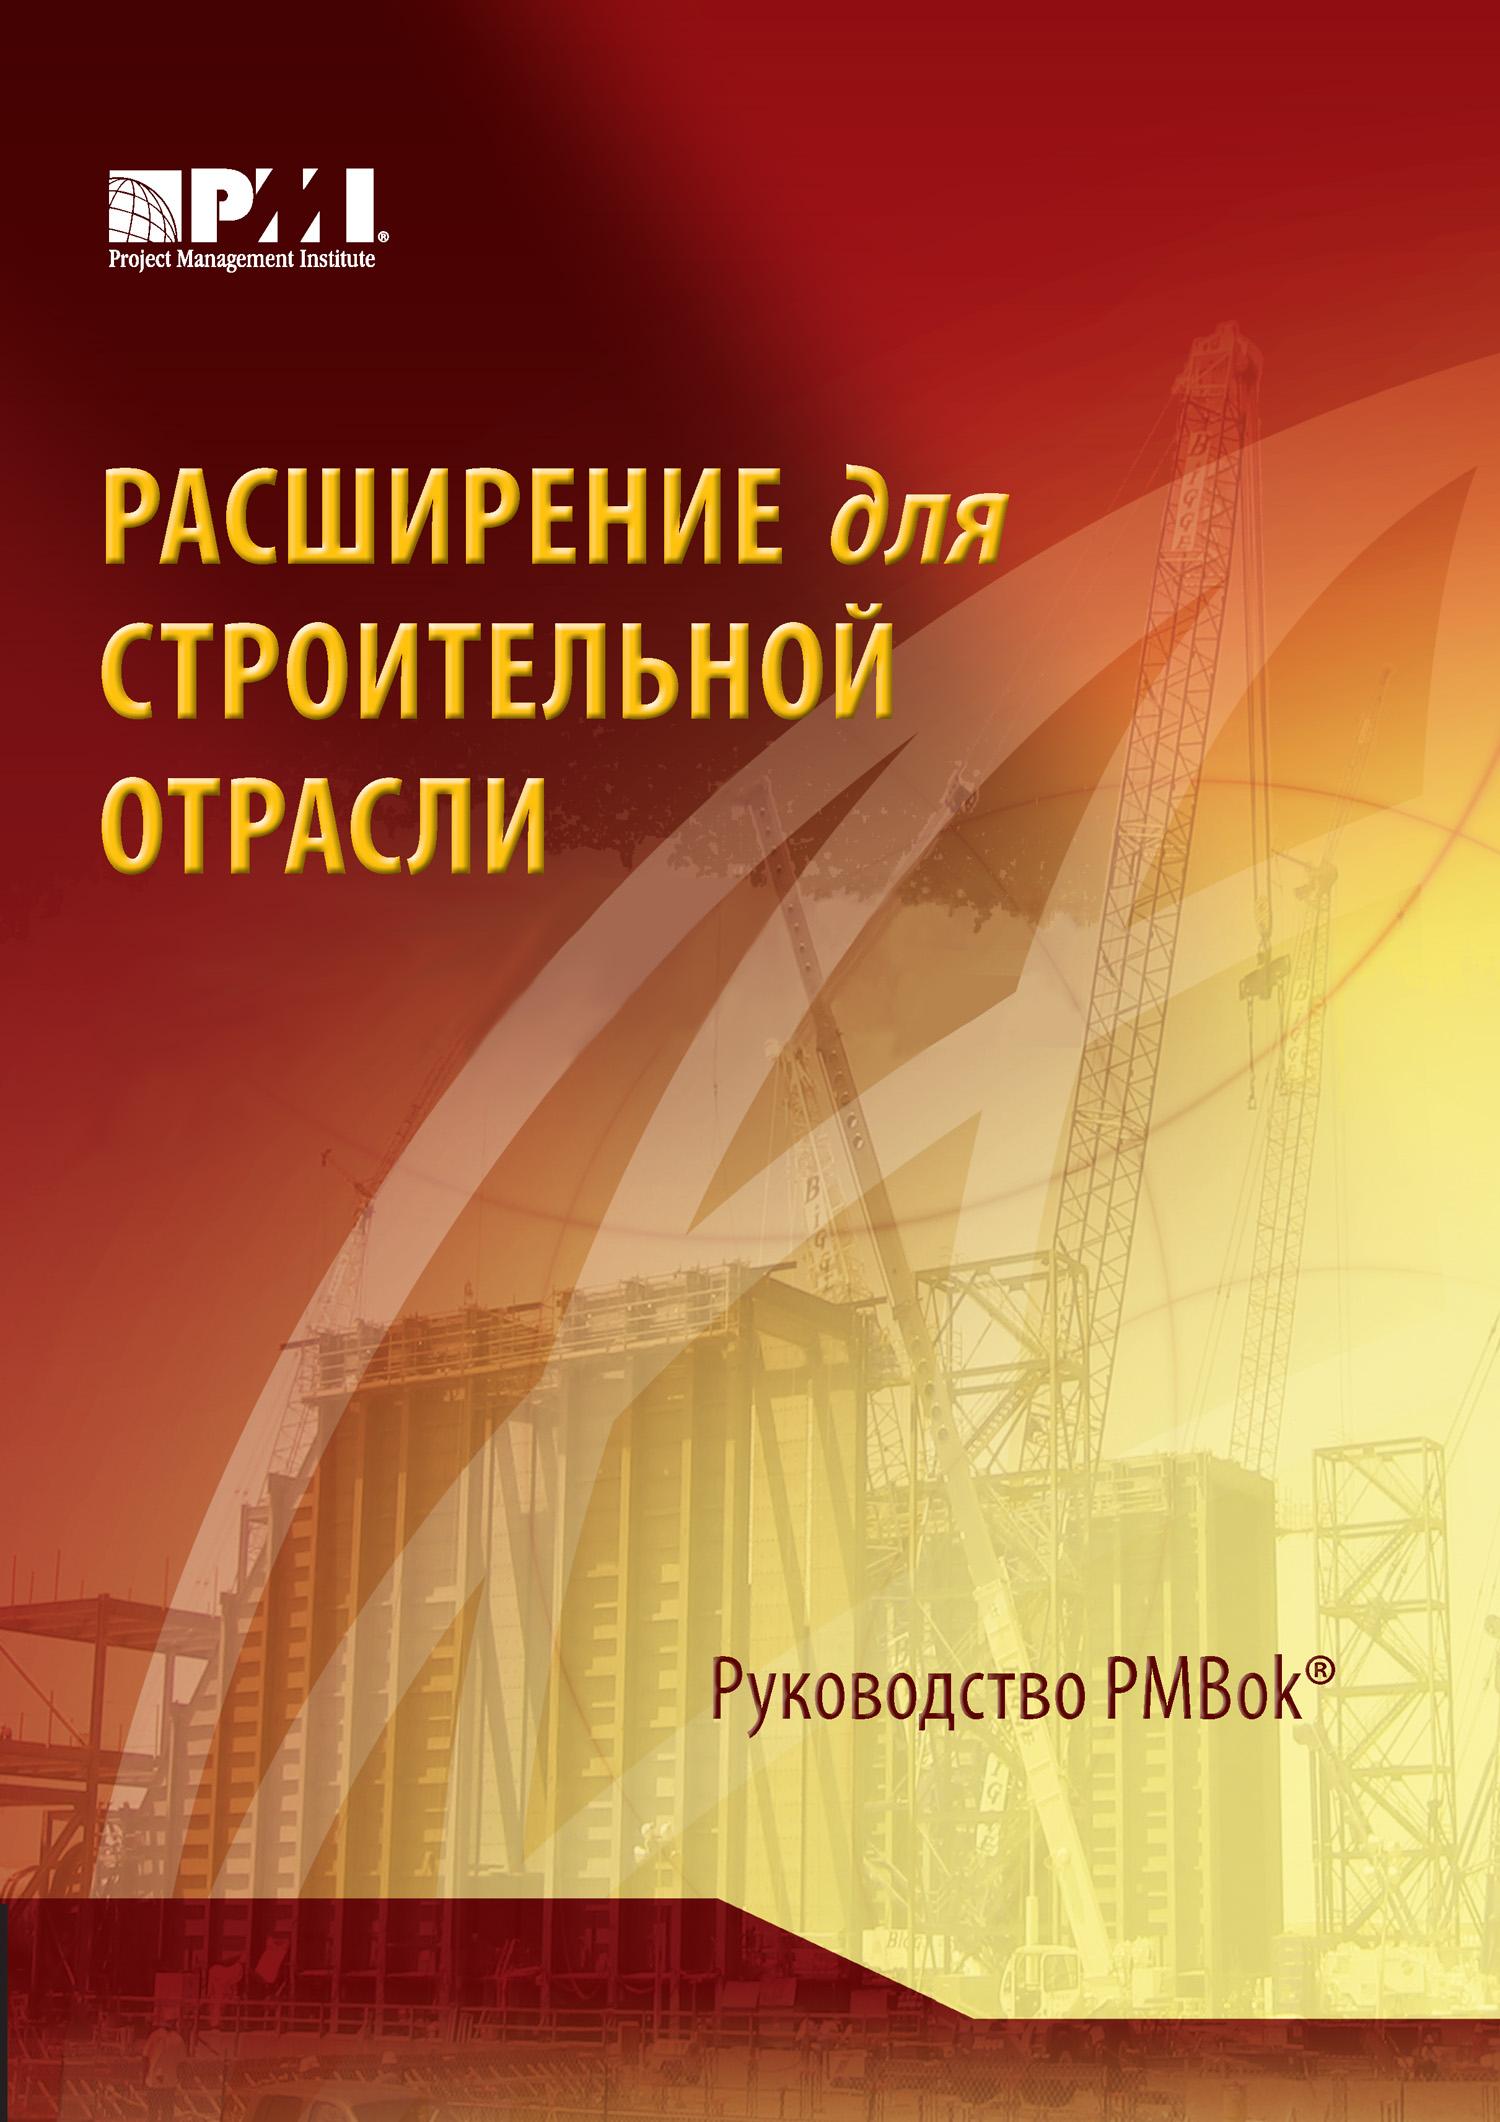 Обложка книги Расширение для строительной отрасли к третьему изданию Руководства к своду знаний по управлению проектами